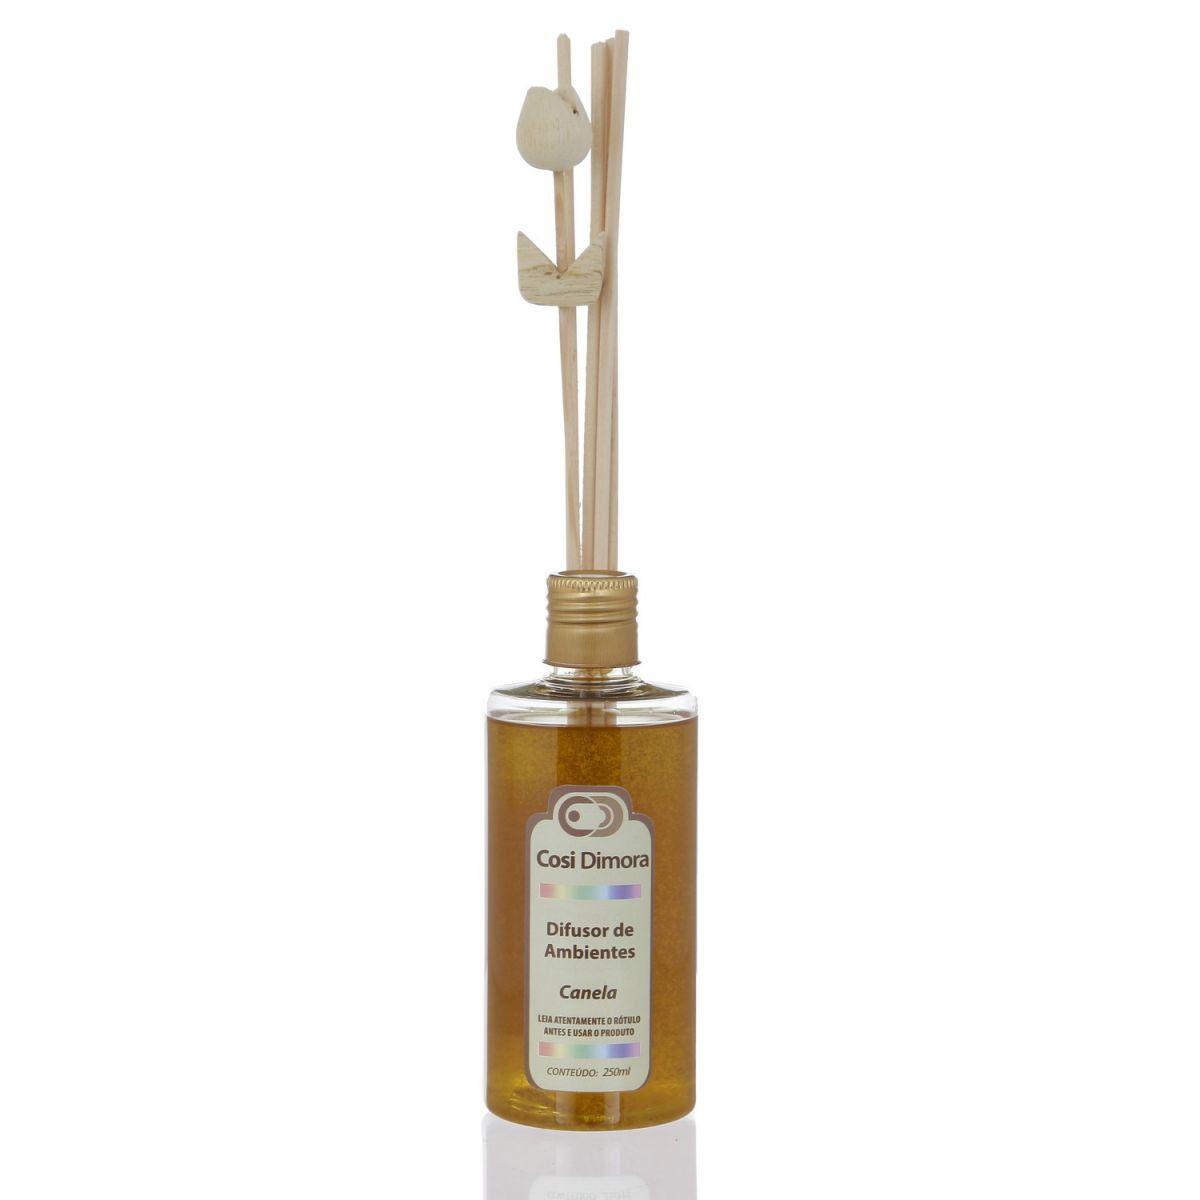 Odorizador com Varetas para Ambientes Canela Essência Importada 250ml Cosi Dimora